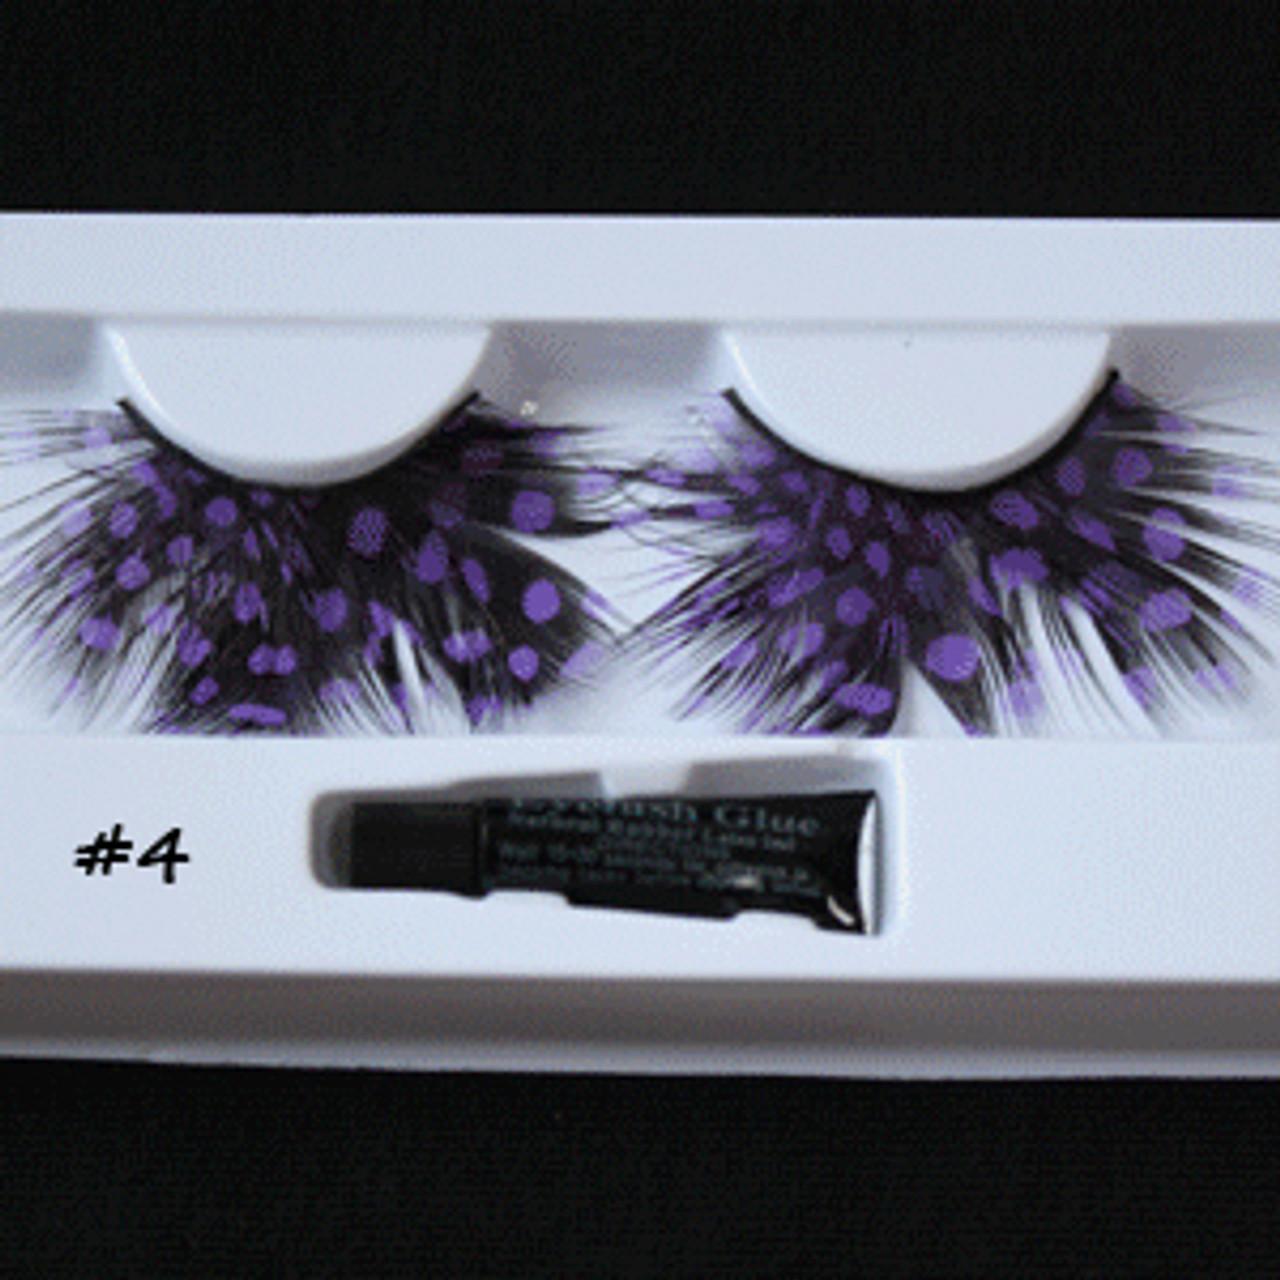 #4 Purple dots feather eyelashes